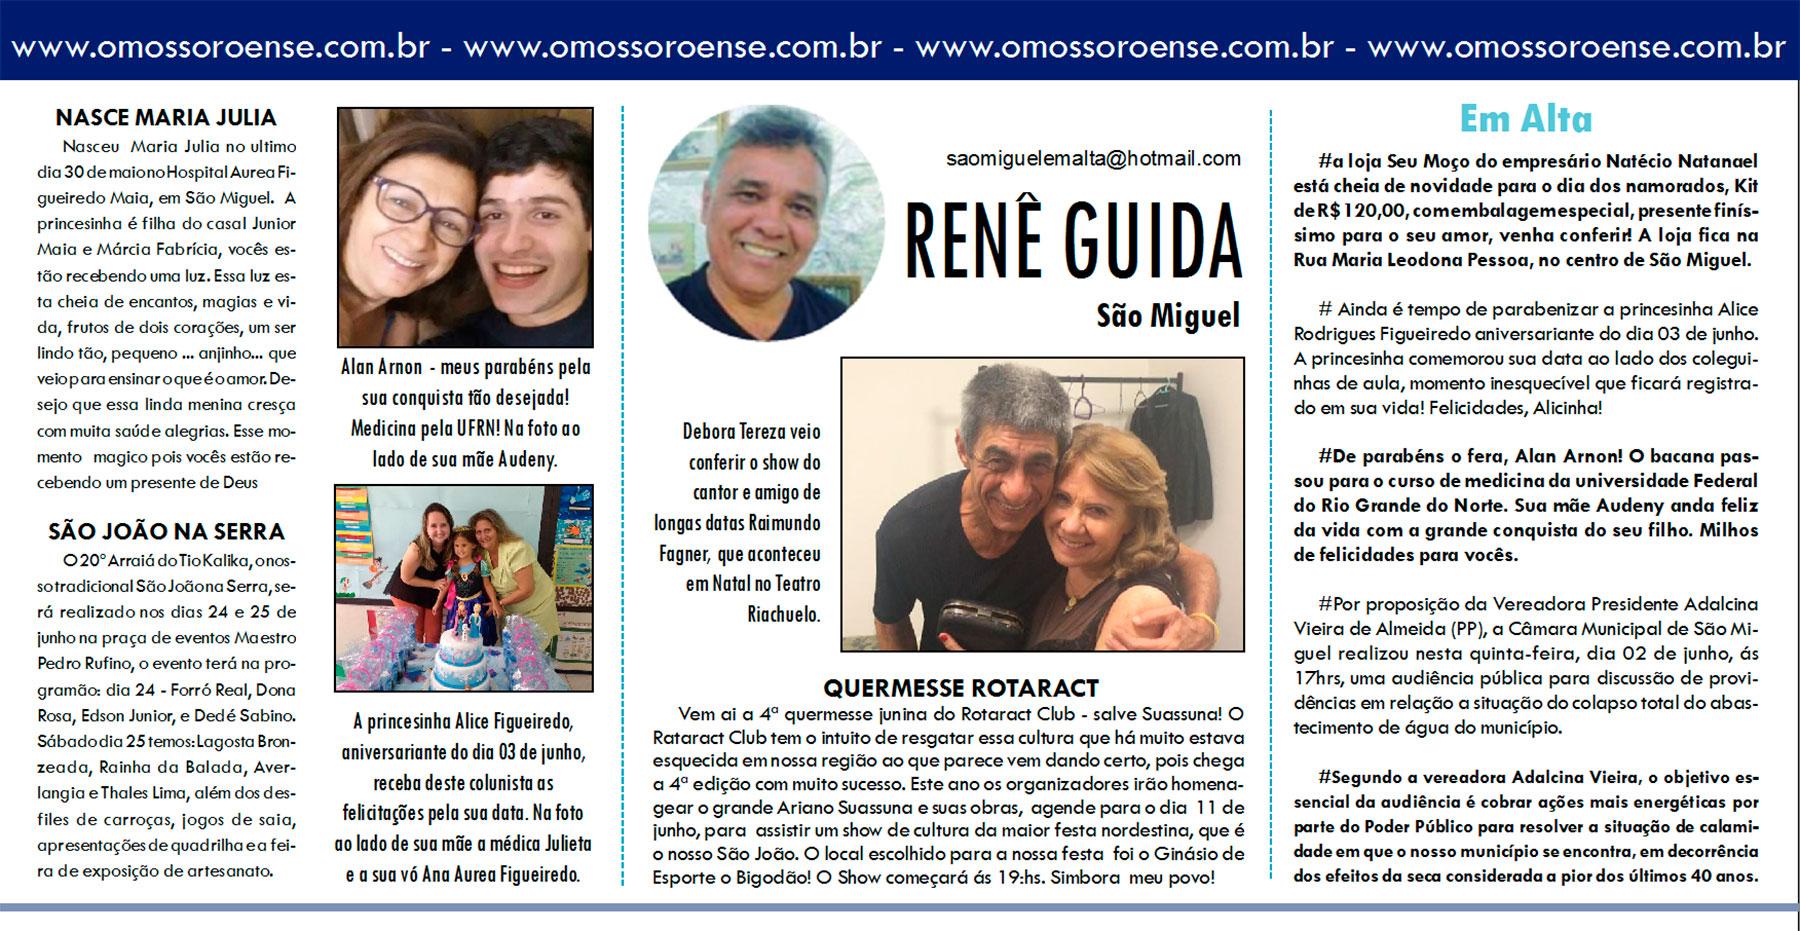 RENÊ-GUIDA---06-06-2016